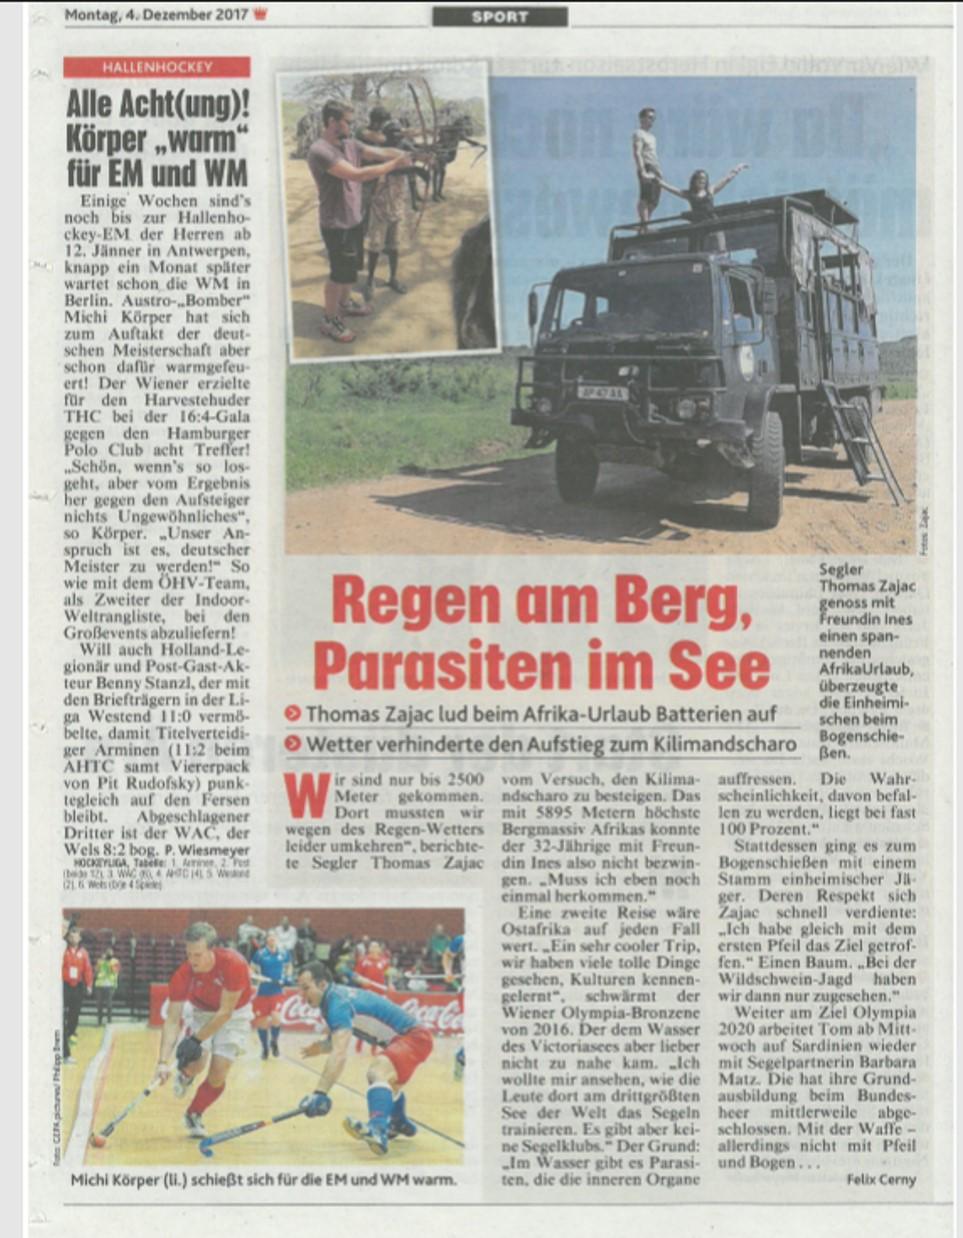 files/oehv/Bilder/2017/Hallen WM Berlin 2018/krone1.jpg